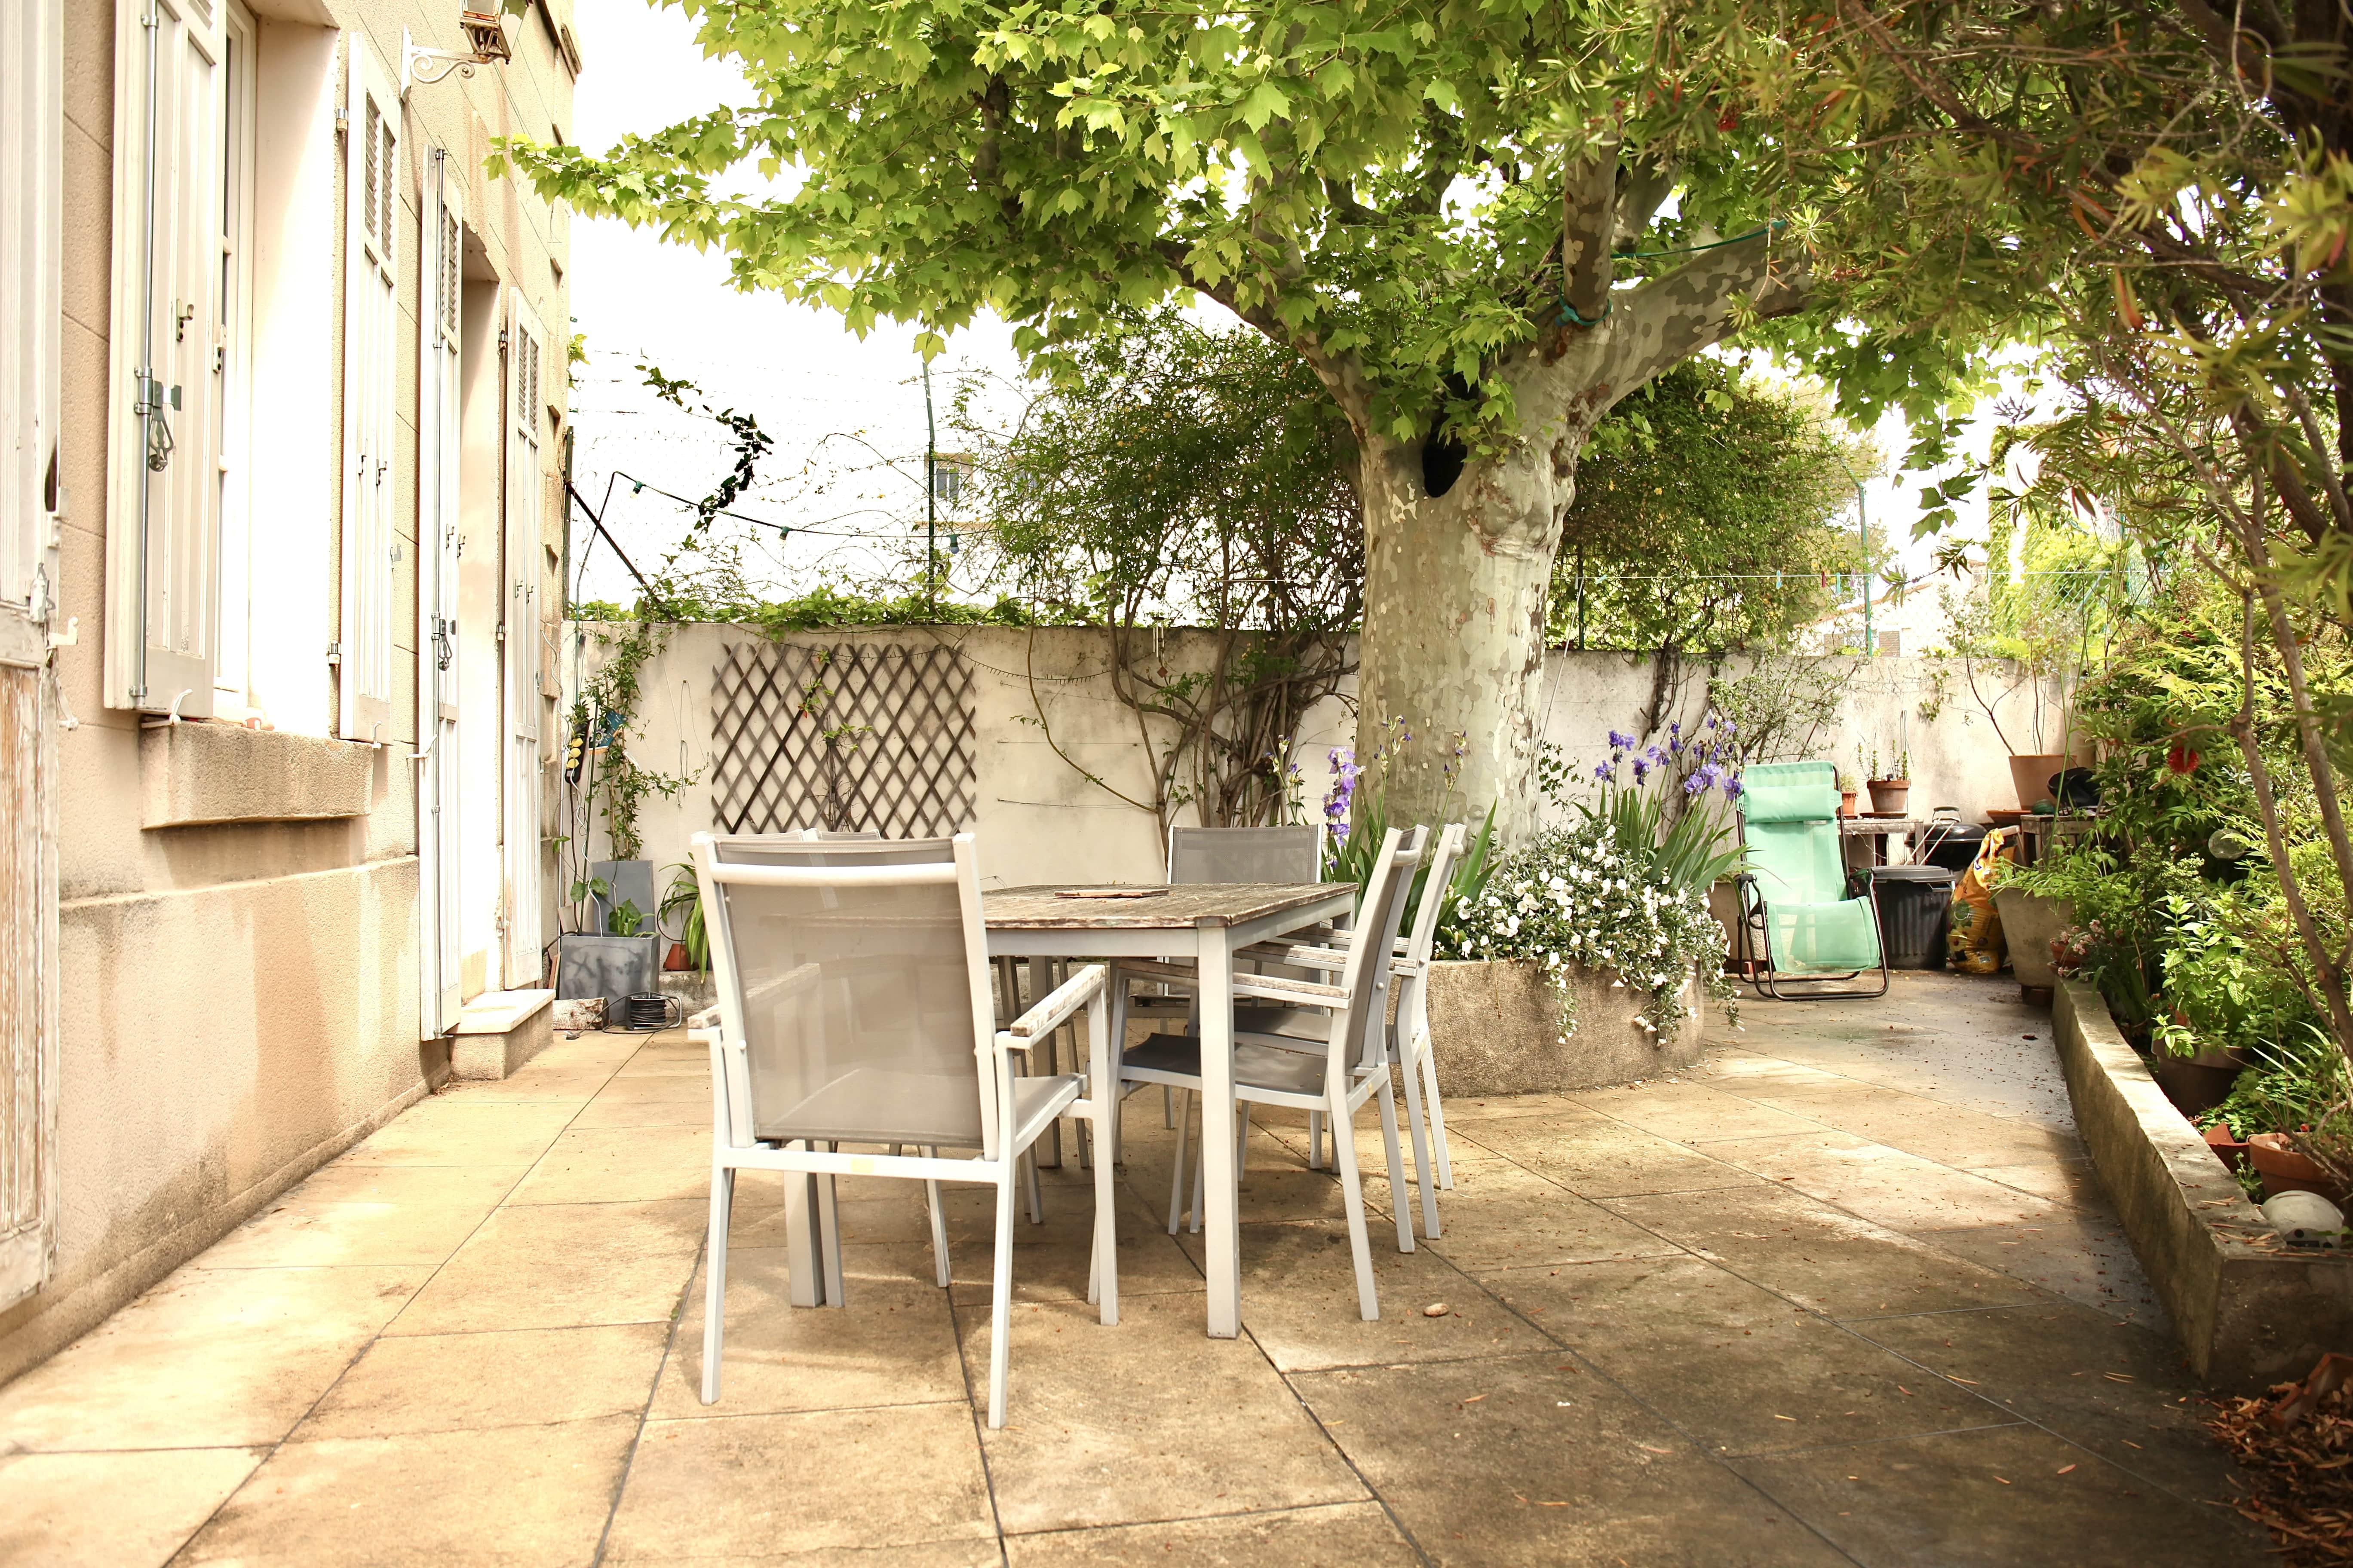 OFFRE AU PRIX  - Saint Barnabé - Charmante maison avec cour - 675 000 €